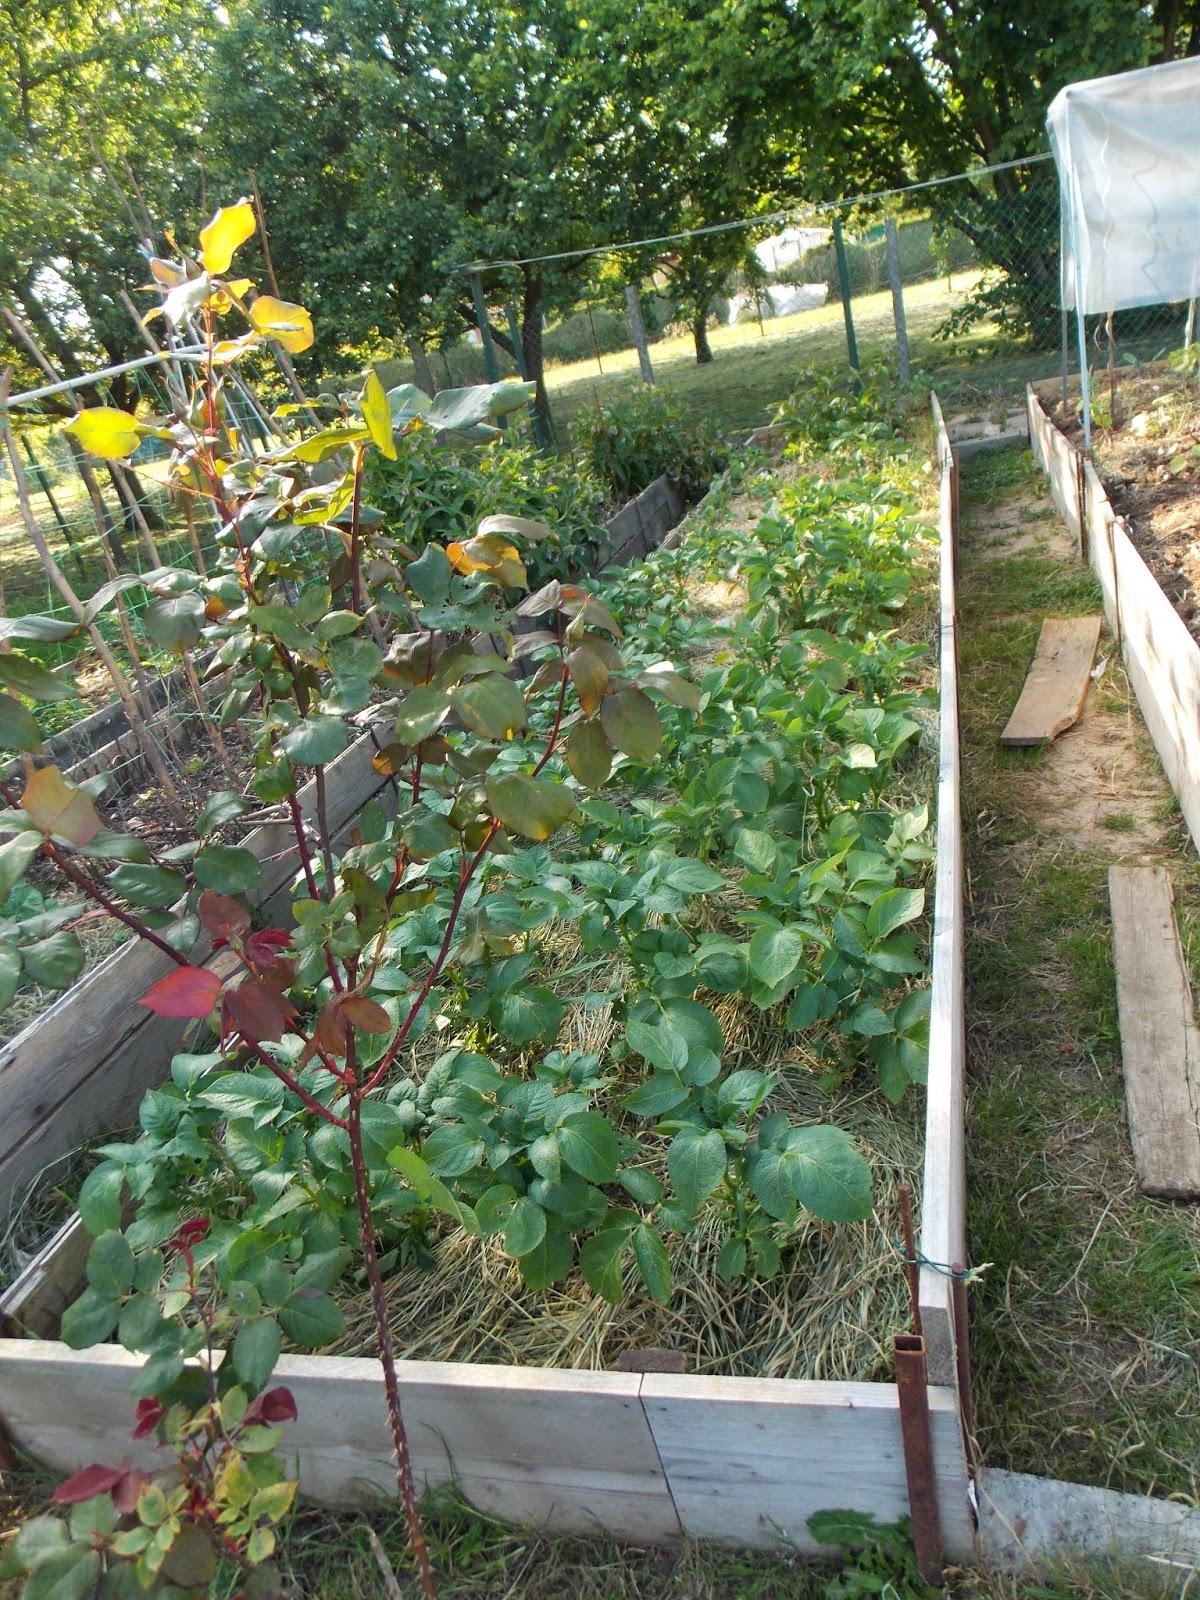 ecolo bio nature permaculture urbaine et jardinage bio des pommes de terre un peu trop. Black Bedroom Furniture Sets. Home Design Ideas